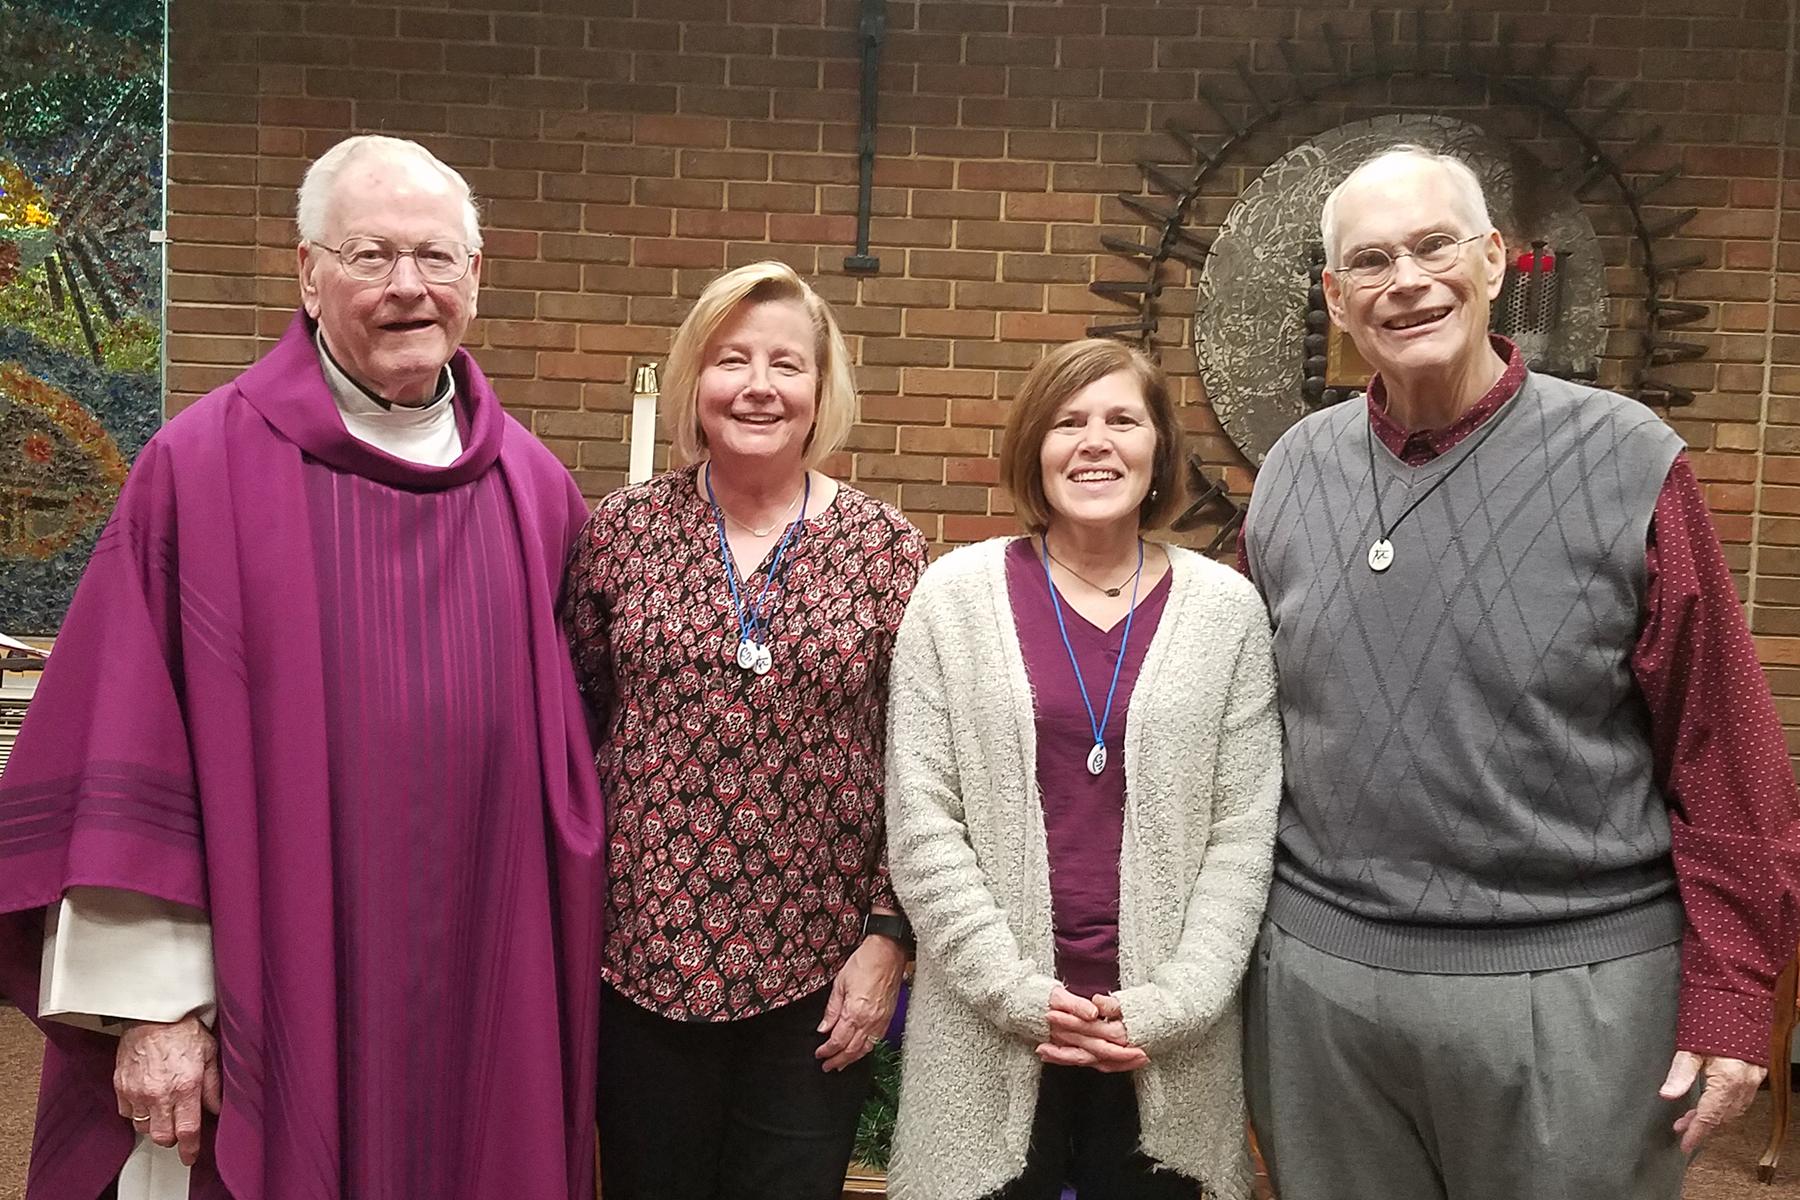 Fr. Al McMenamy, Debbie Shaw, Julie Guelker, Jay McGillick